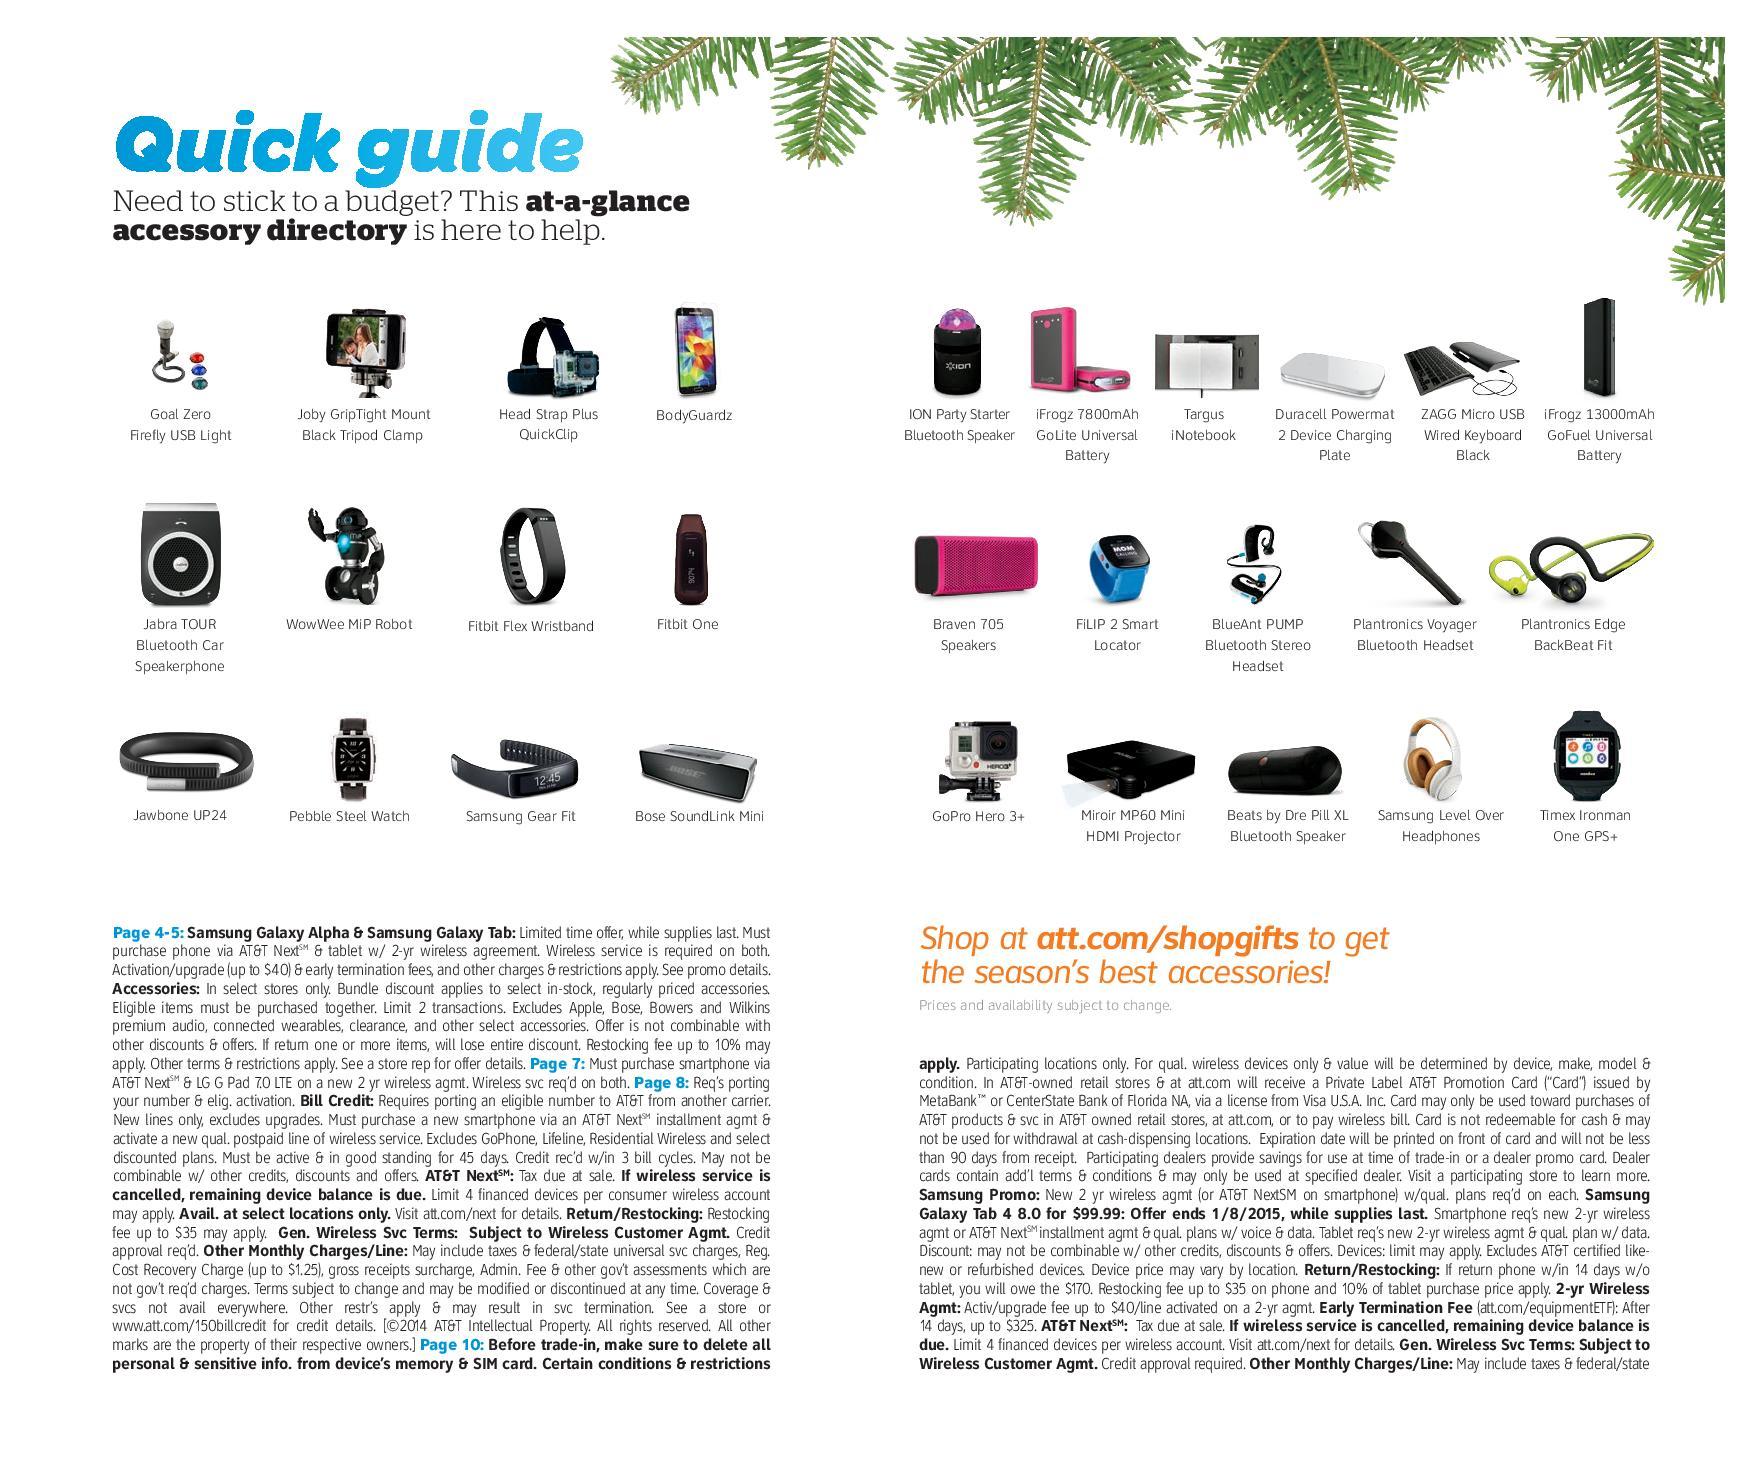 ATT_Gift_Guide_2014_Circular_reduced_12.4.14-page-010.jpg